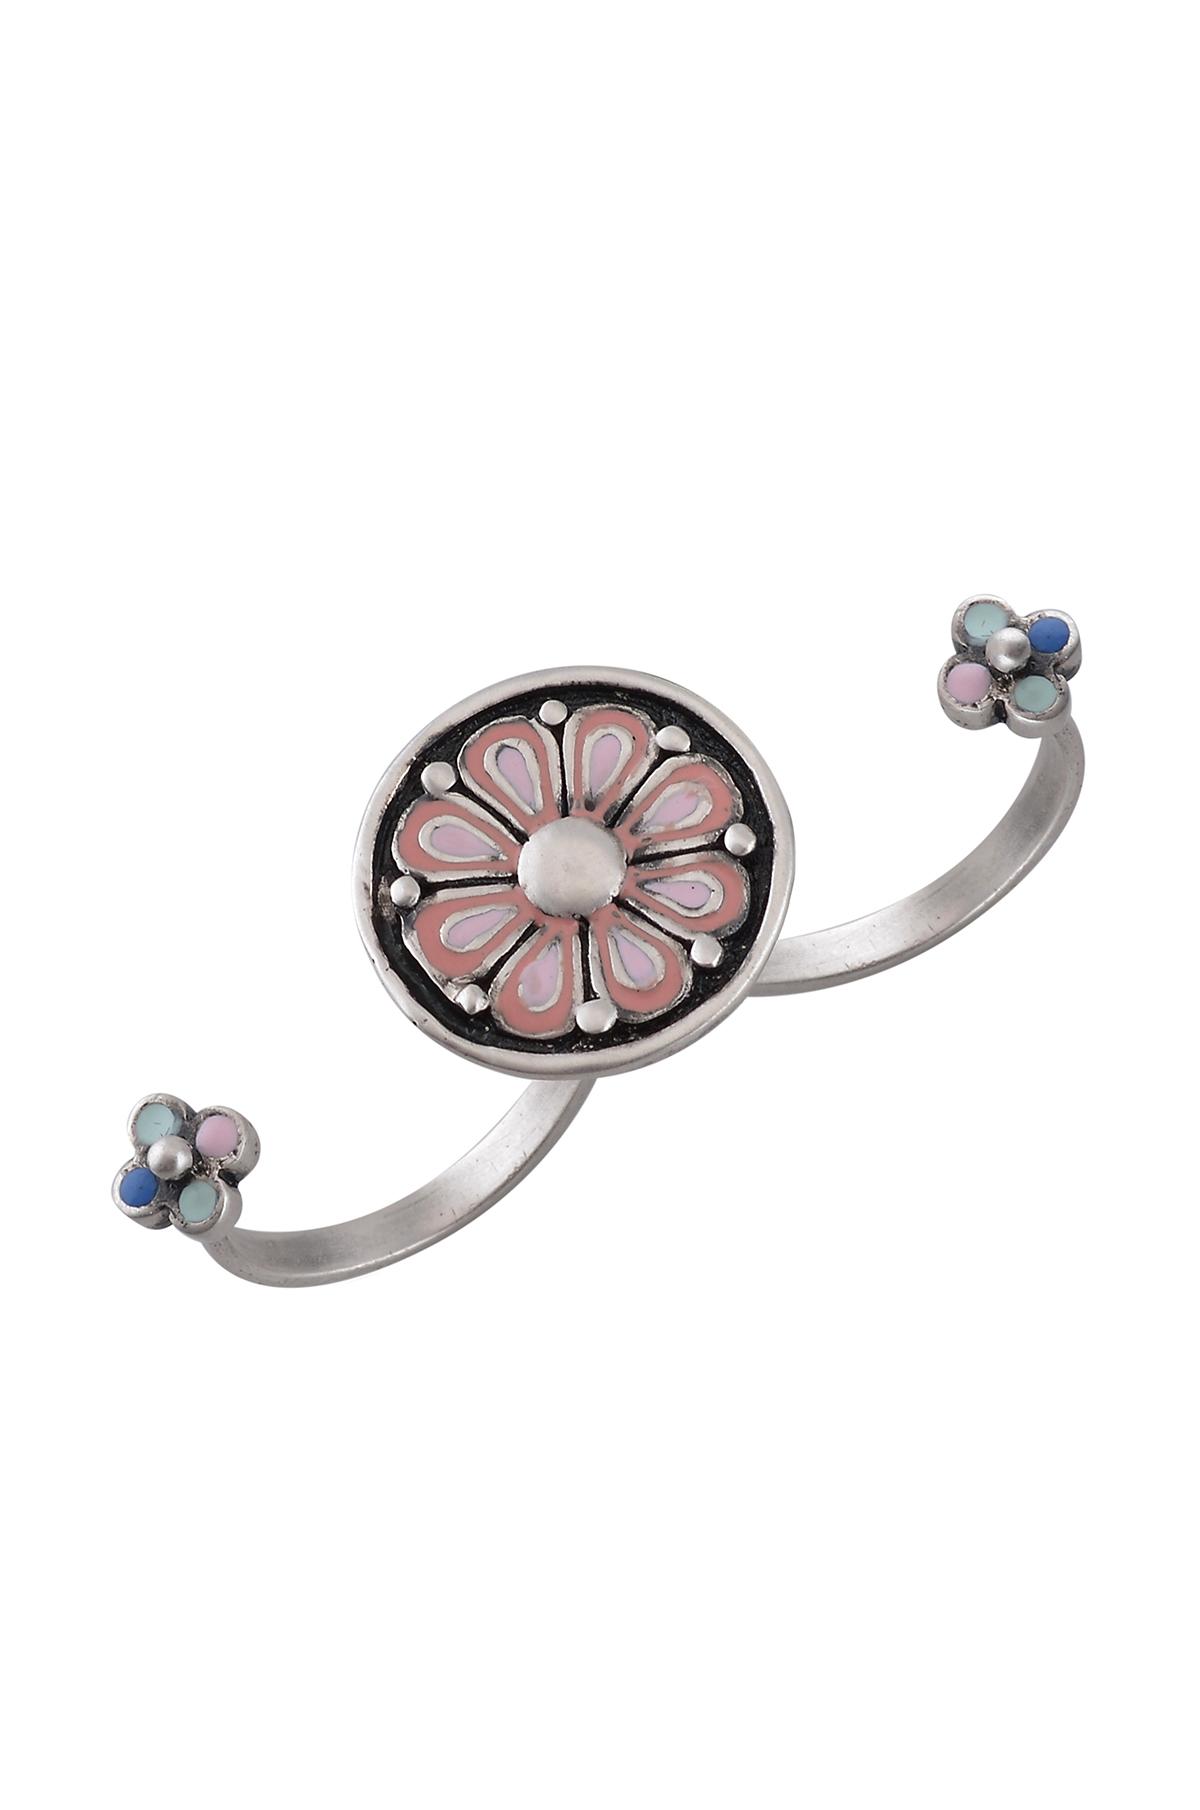 Pink Enamel Coin Ring